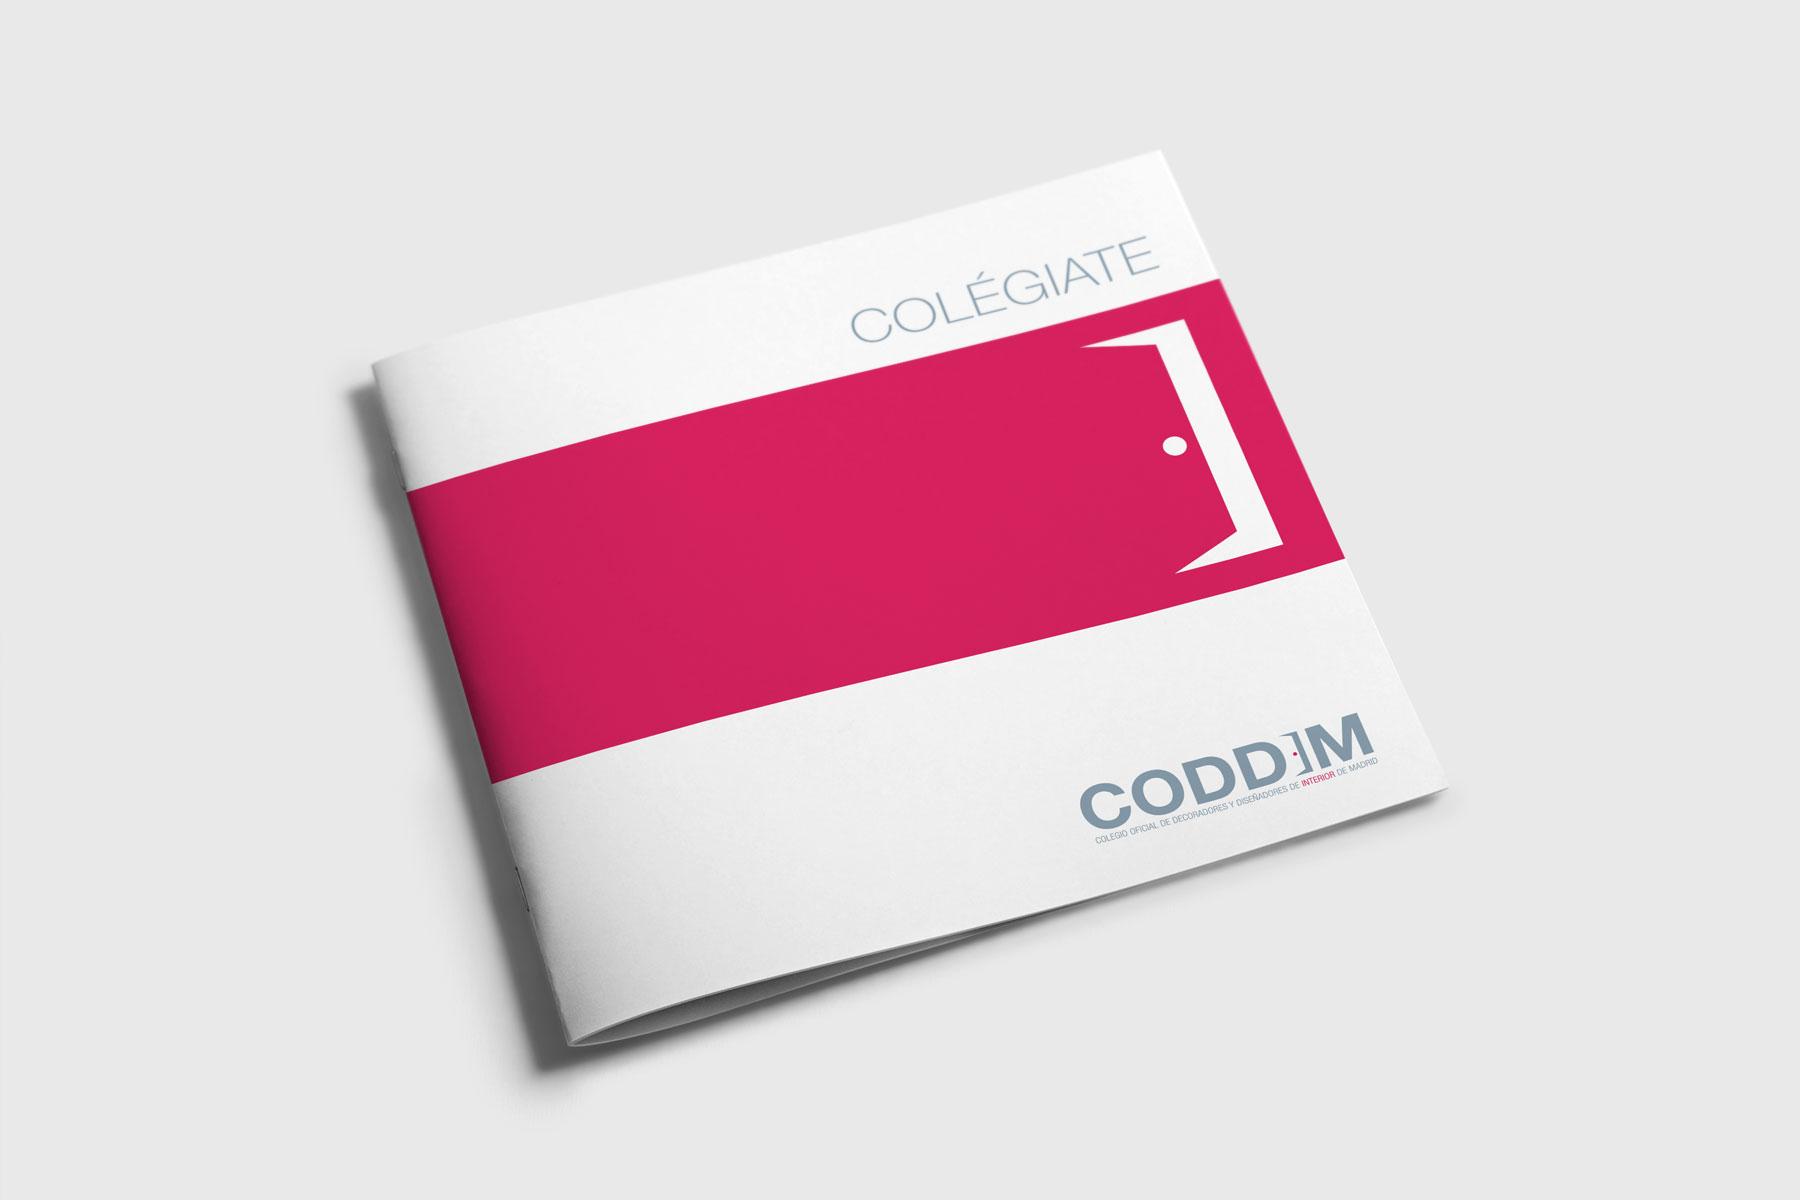 coddim-03